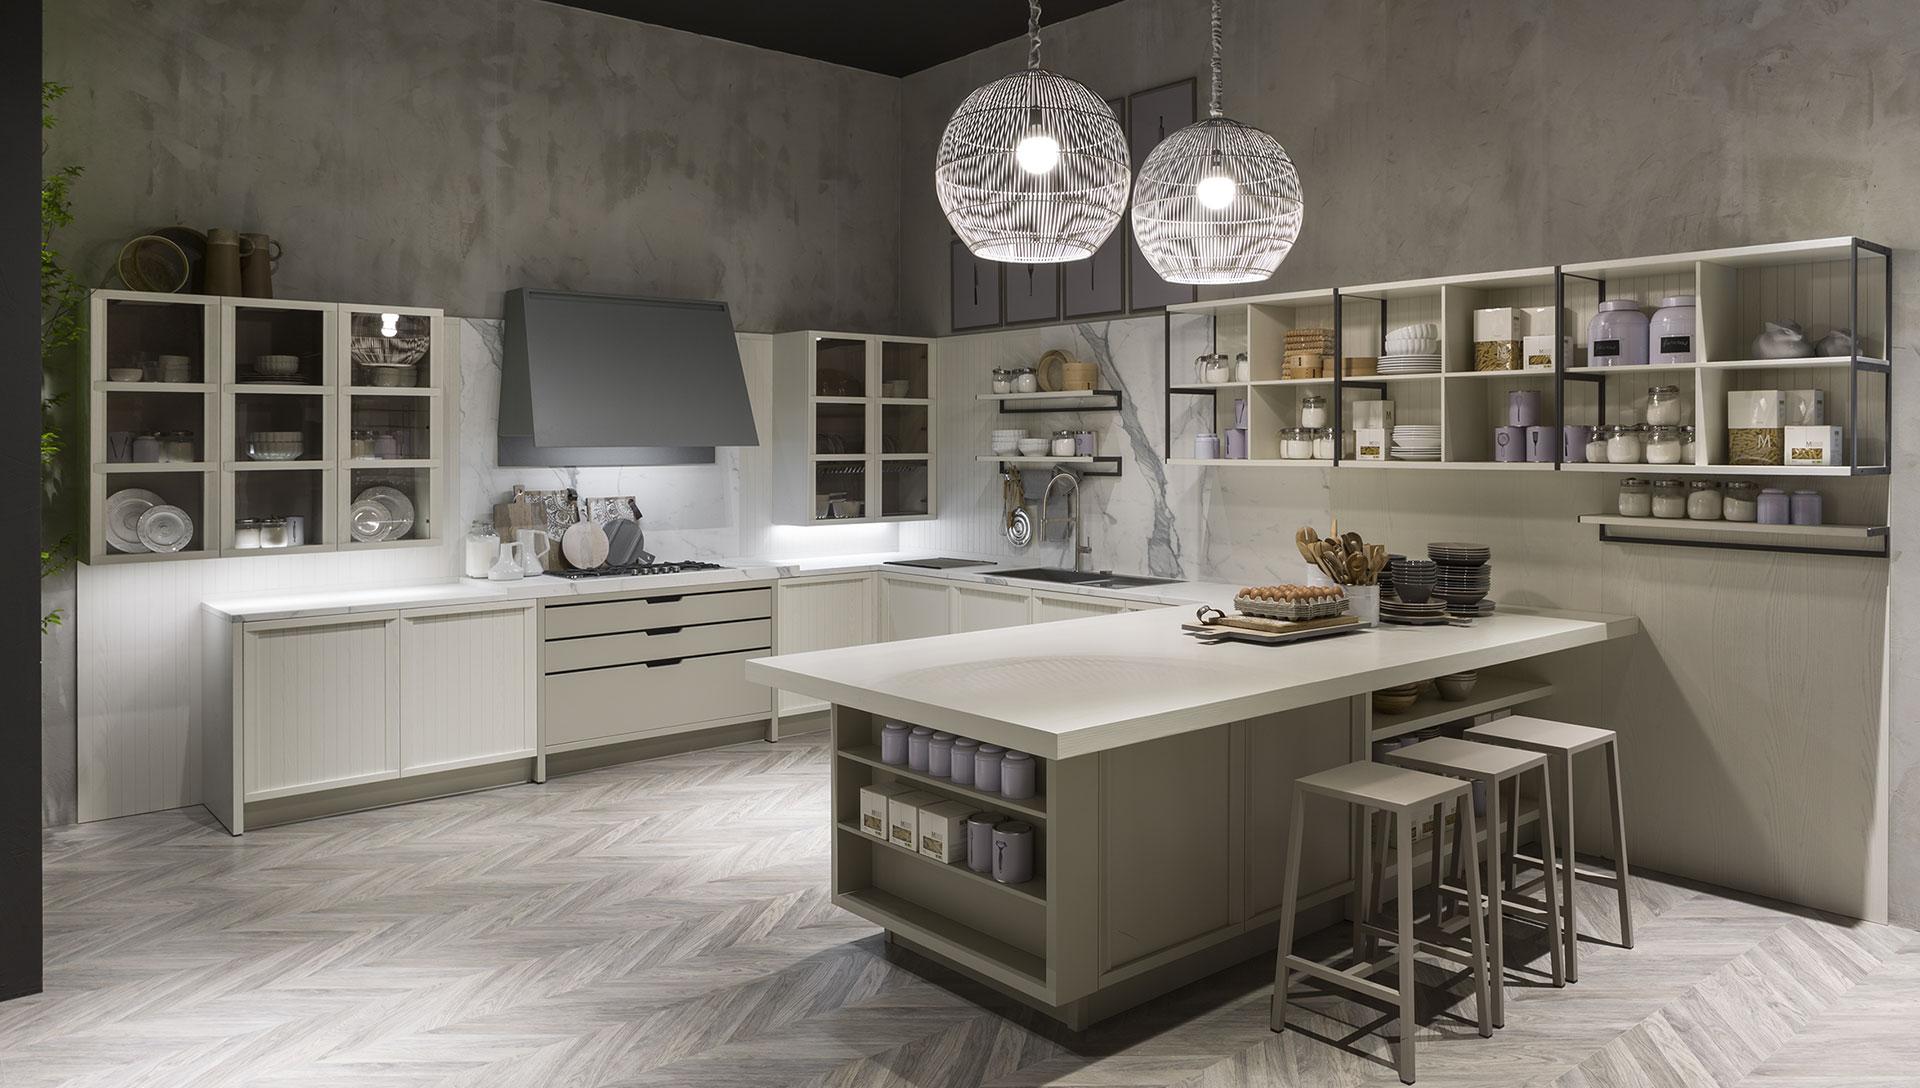 cucina-2-arredamenti-comodus-arredamenti-nicoletti-interni-interior-design-divani-complementi-arredo-mobili-design-accessori-matera